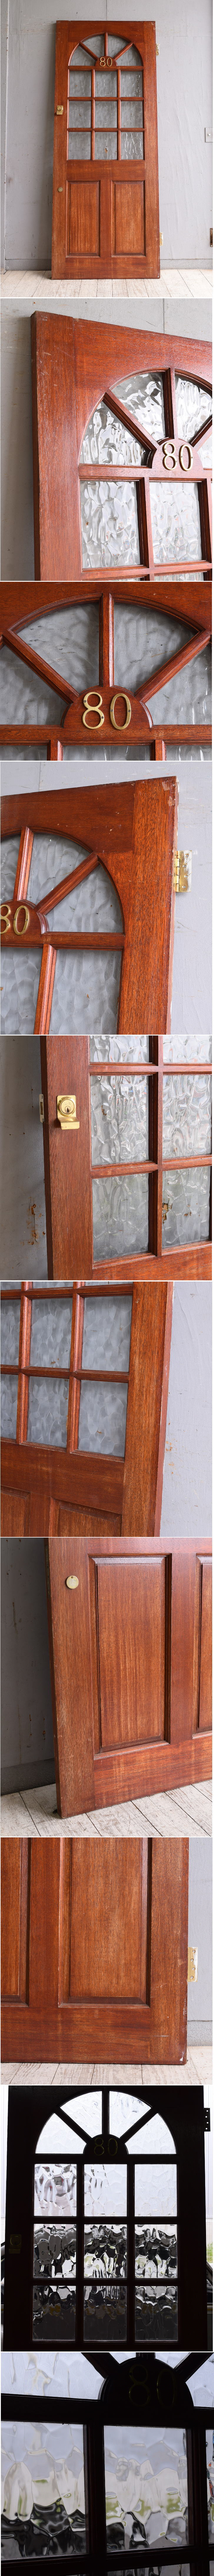 イギリス アンティーク ドア 扉 建具 10068